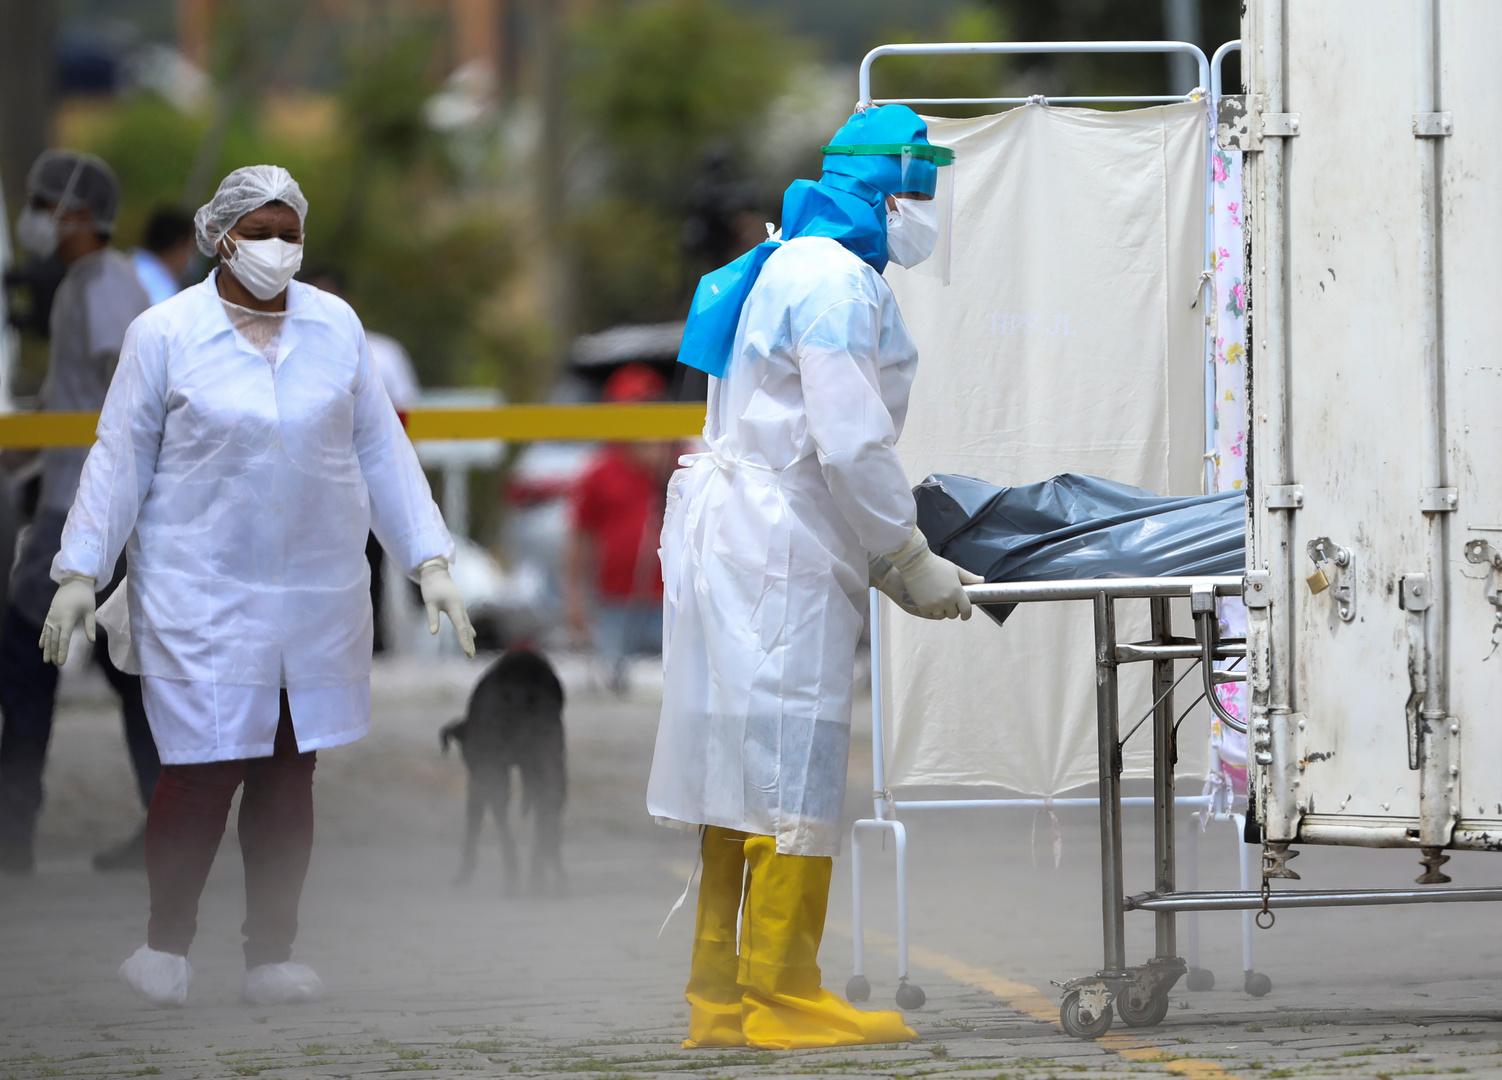 نحو 61 مليون إصابة بكورونا وأكثر من مليون و430 ألف وفاة في العالم